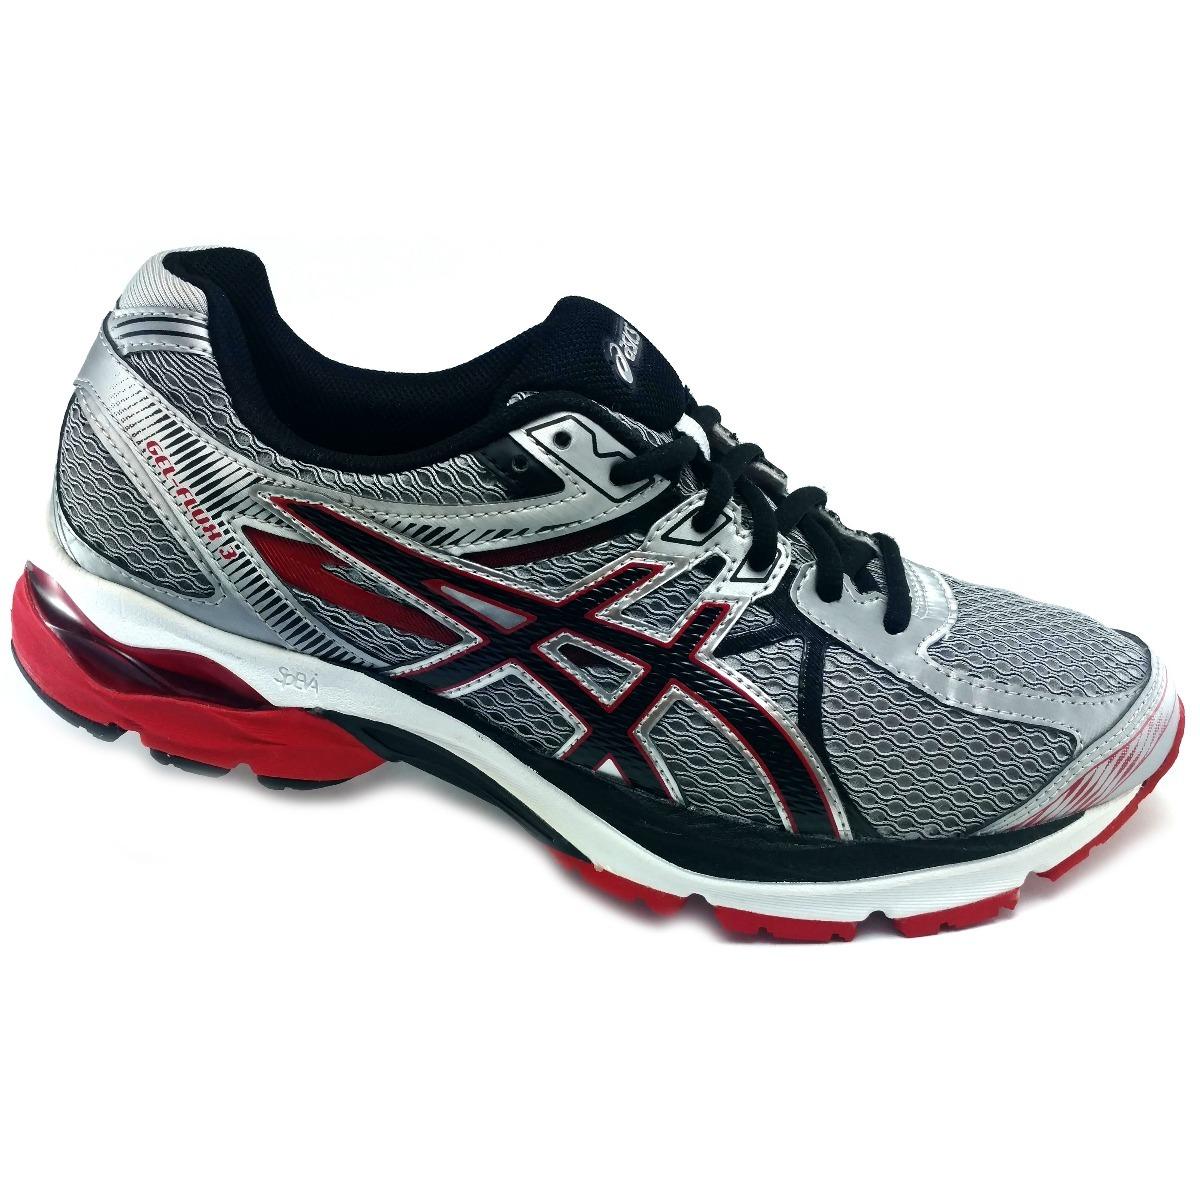 69914a7b67 tenis asics gel flux 3 plata rojo correr running. Cargando zoom.